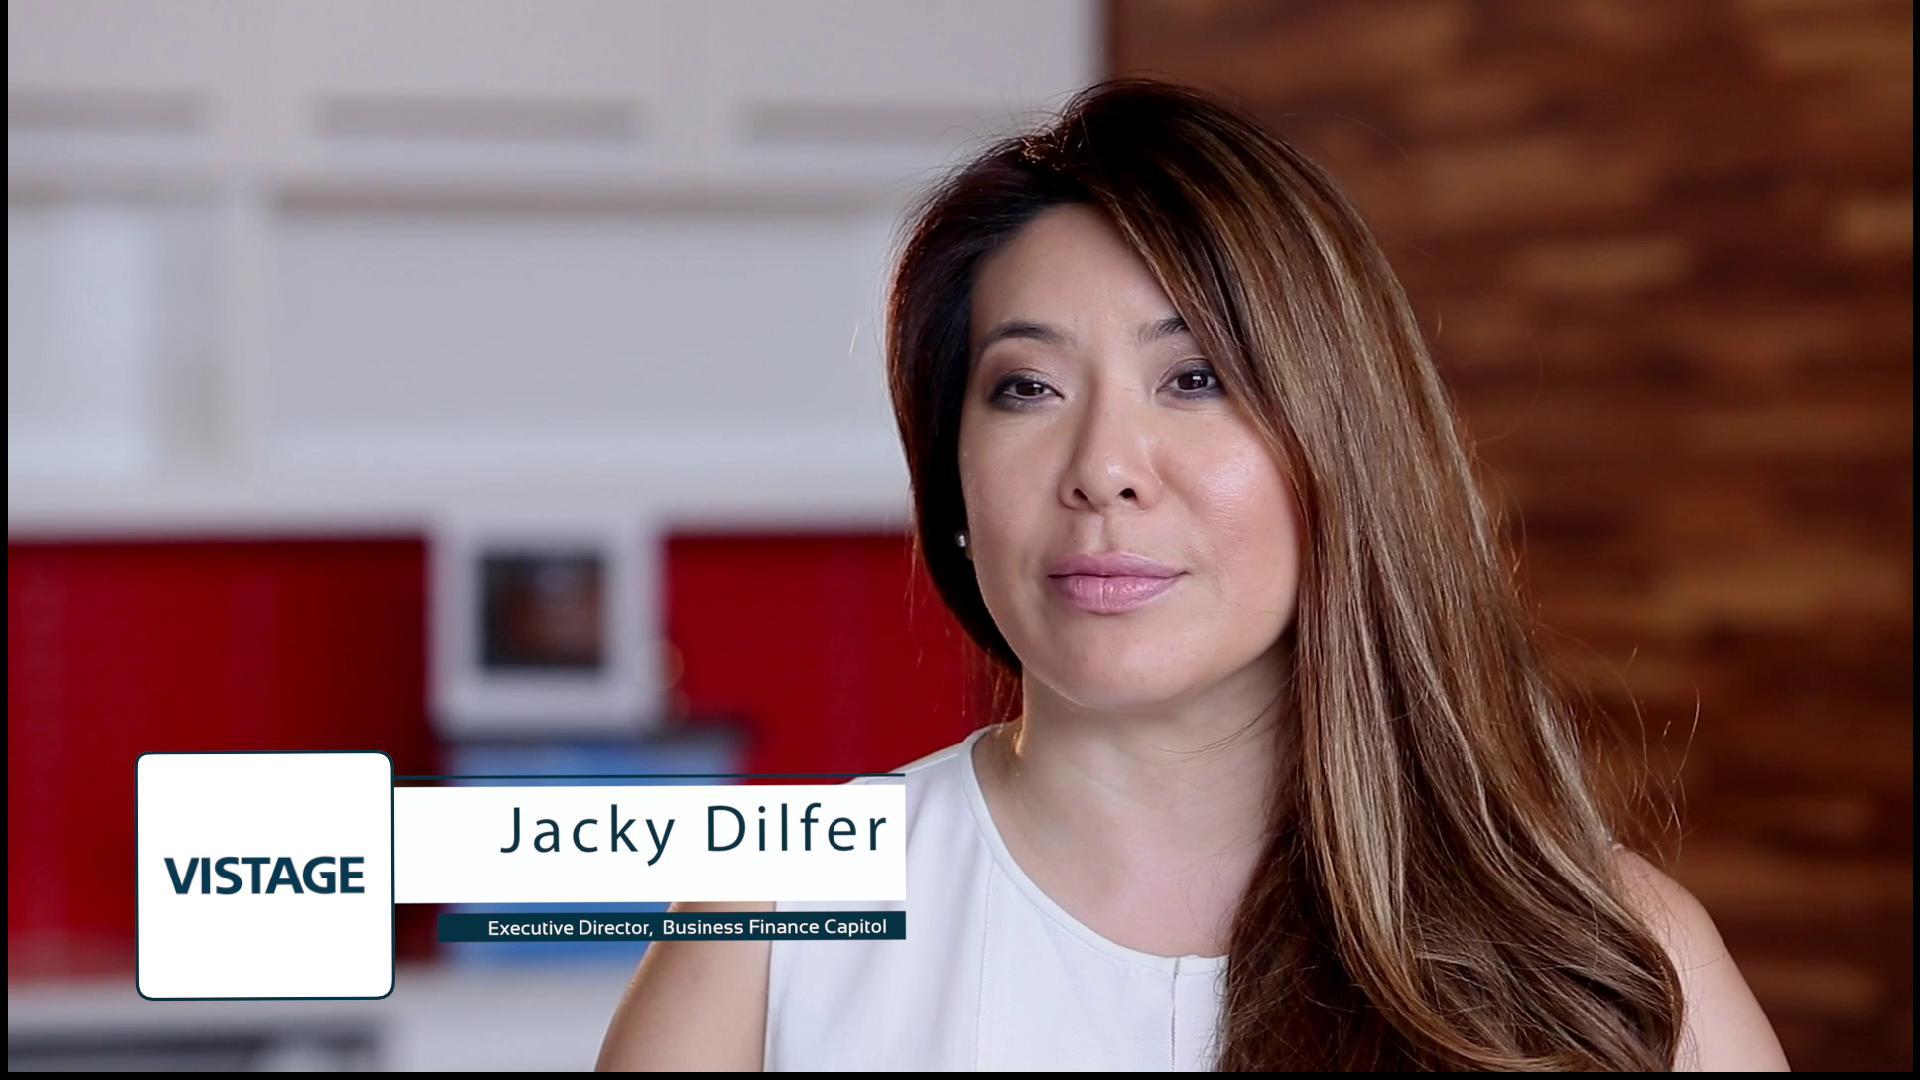 Jacky Dilfer